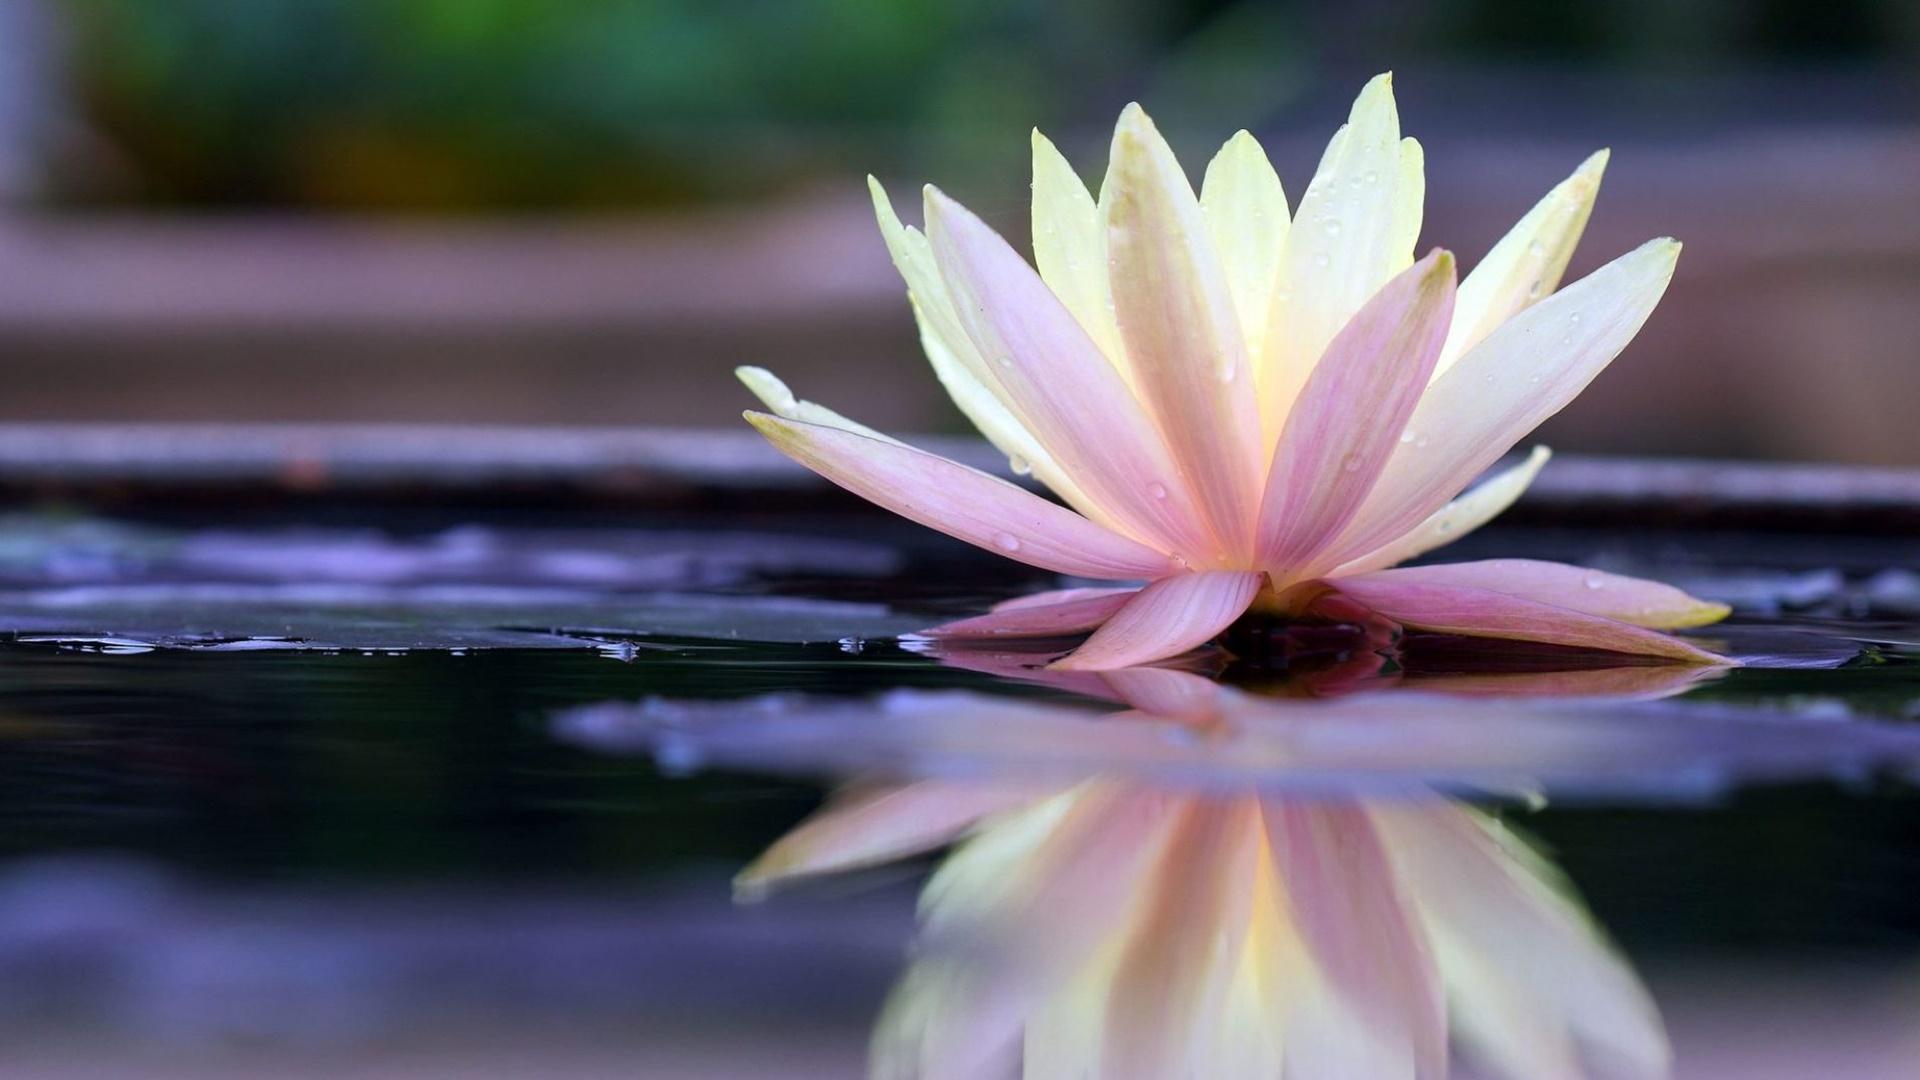 hình nền hoa sen thư pháp